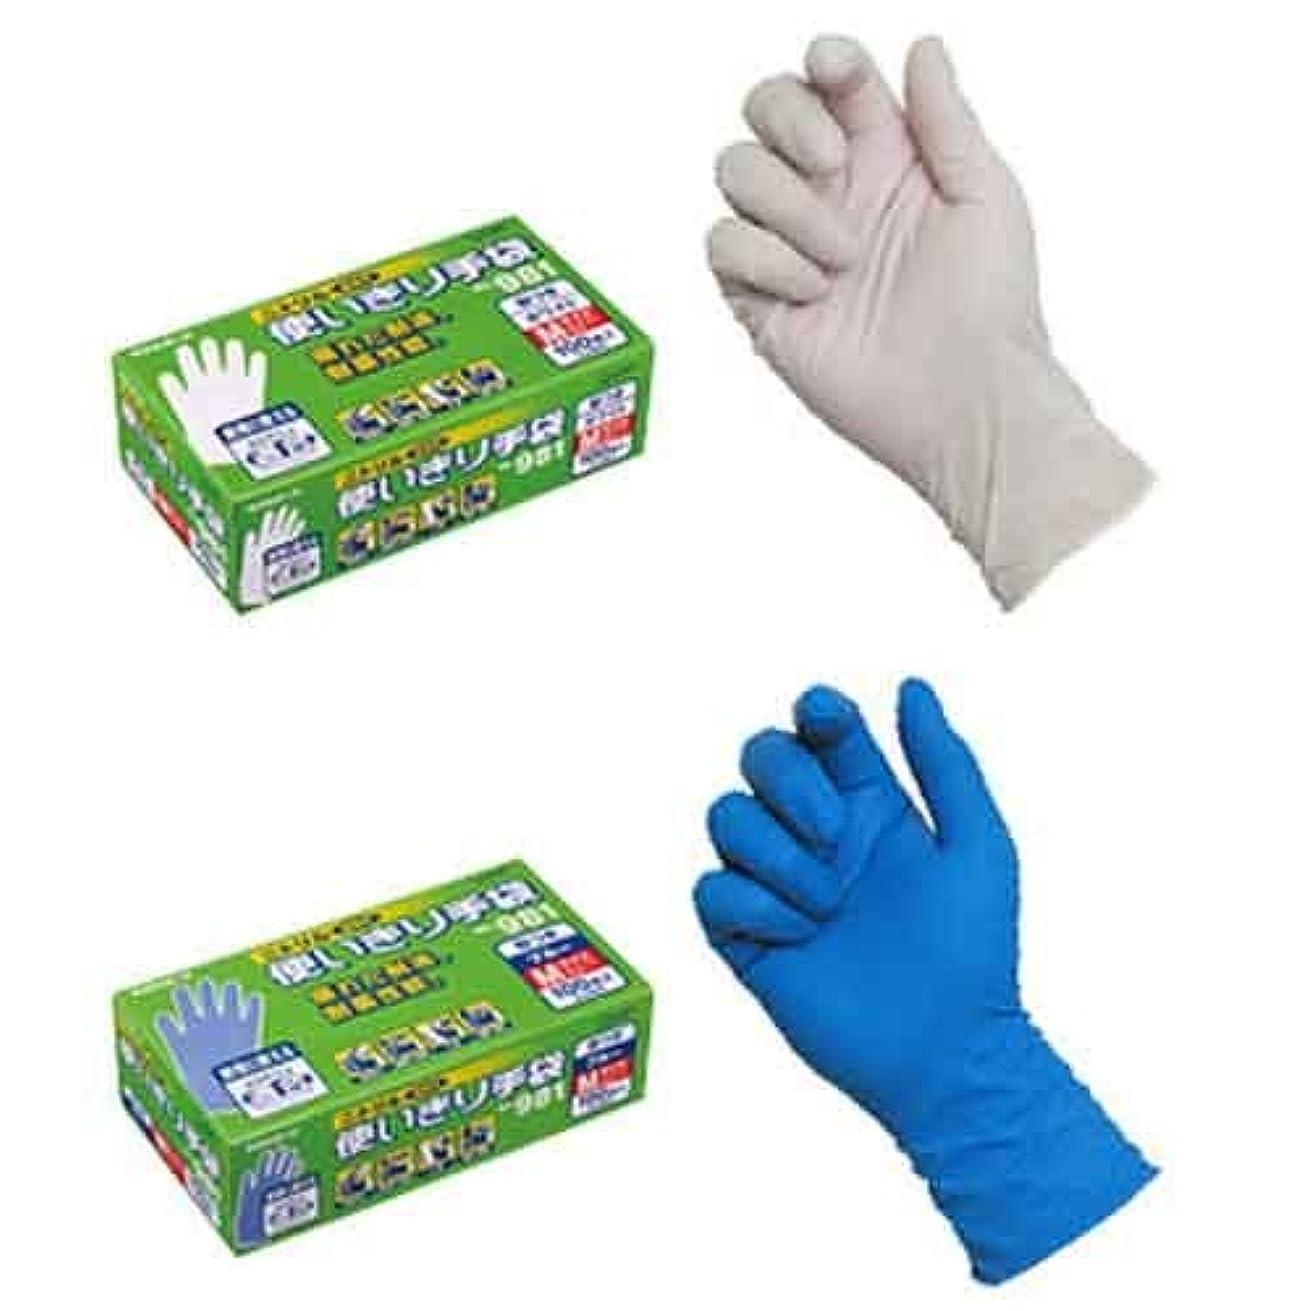 れるグリーンバック読みやすいモデルローブNo981ニトリル使いきり手袋粉つき100枚ブルーSS